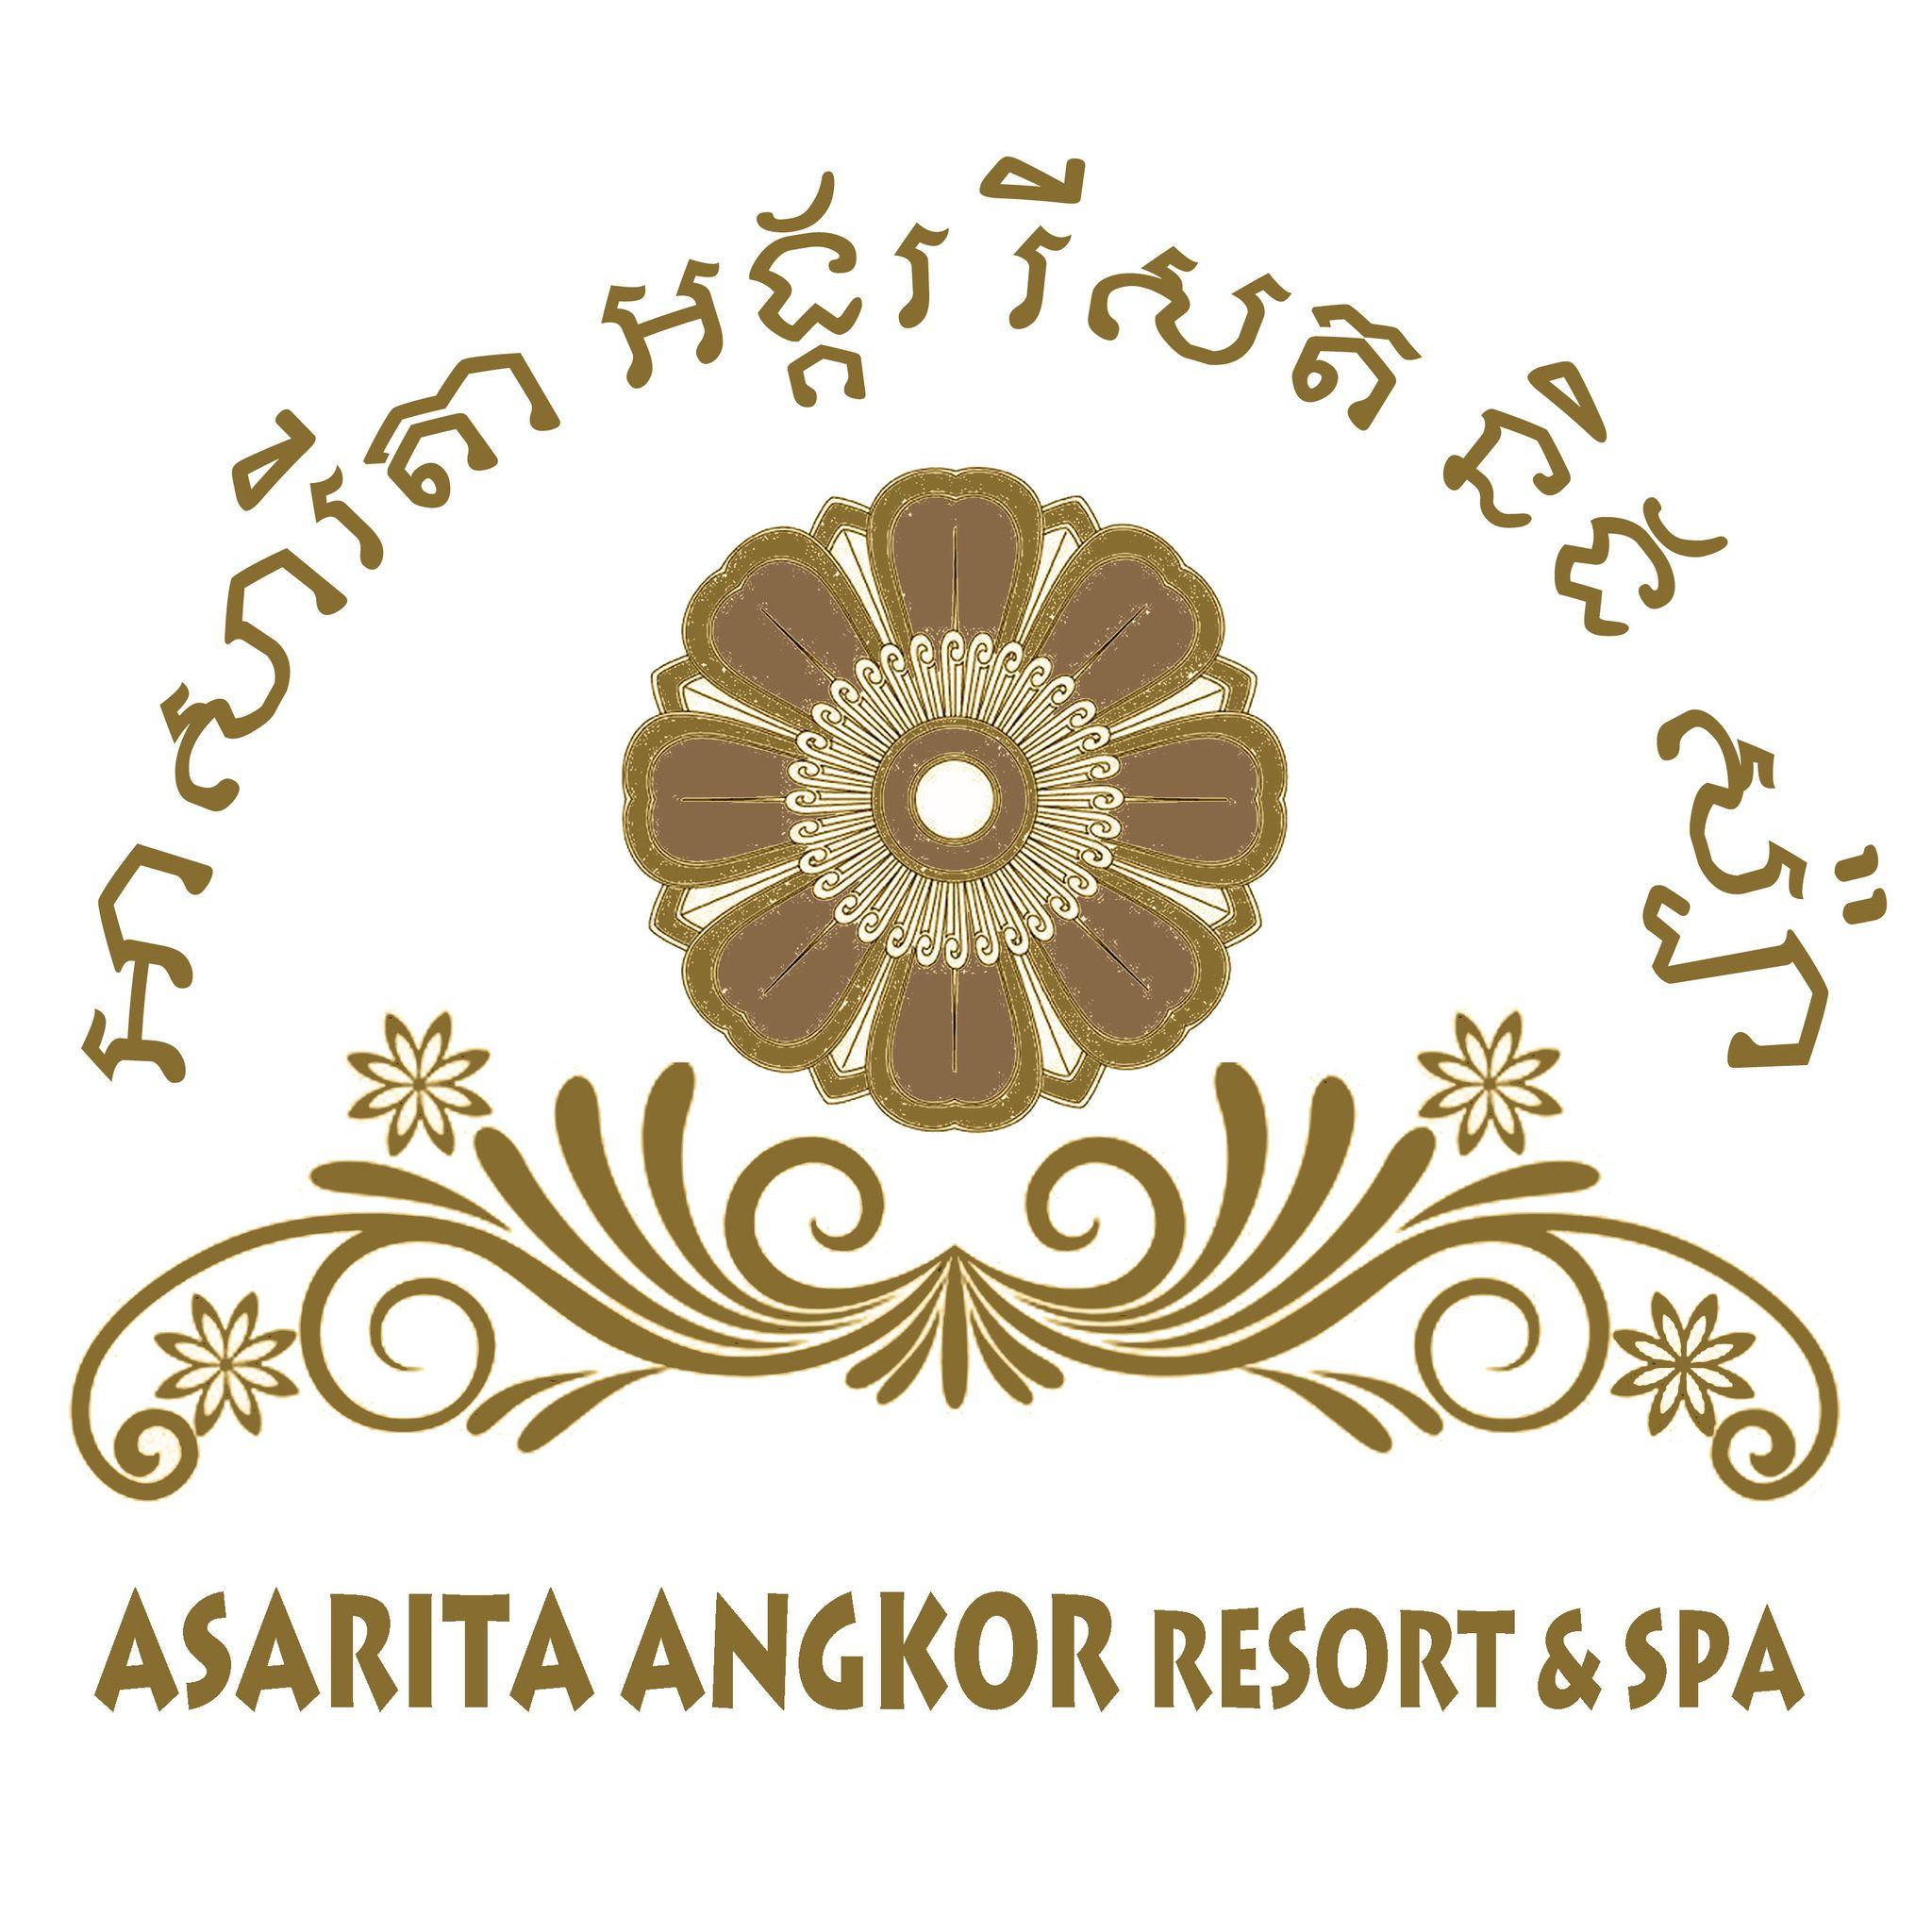 Asarita Angkor Resort & Spa